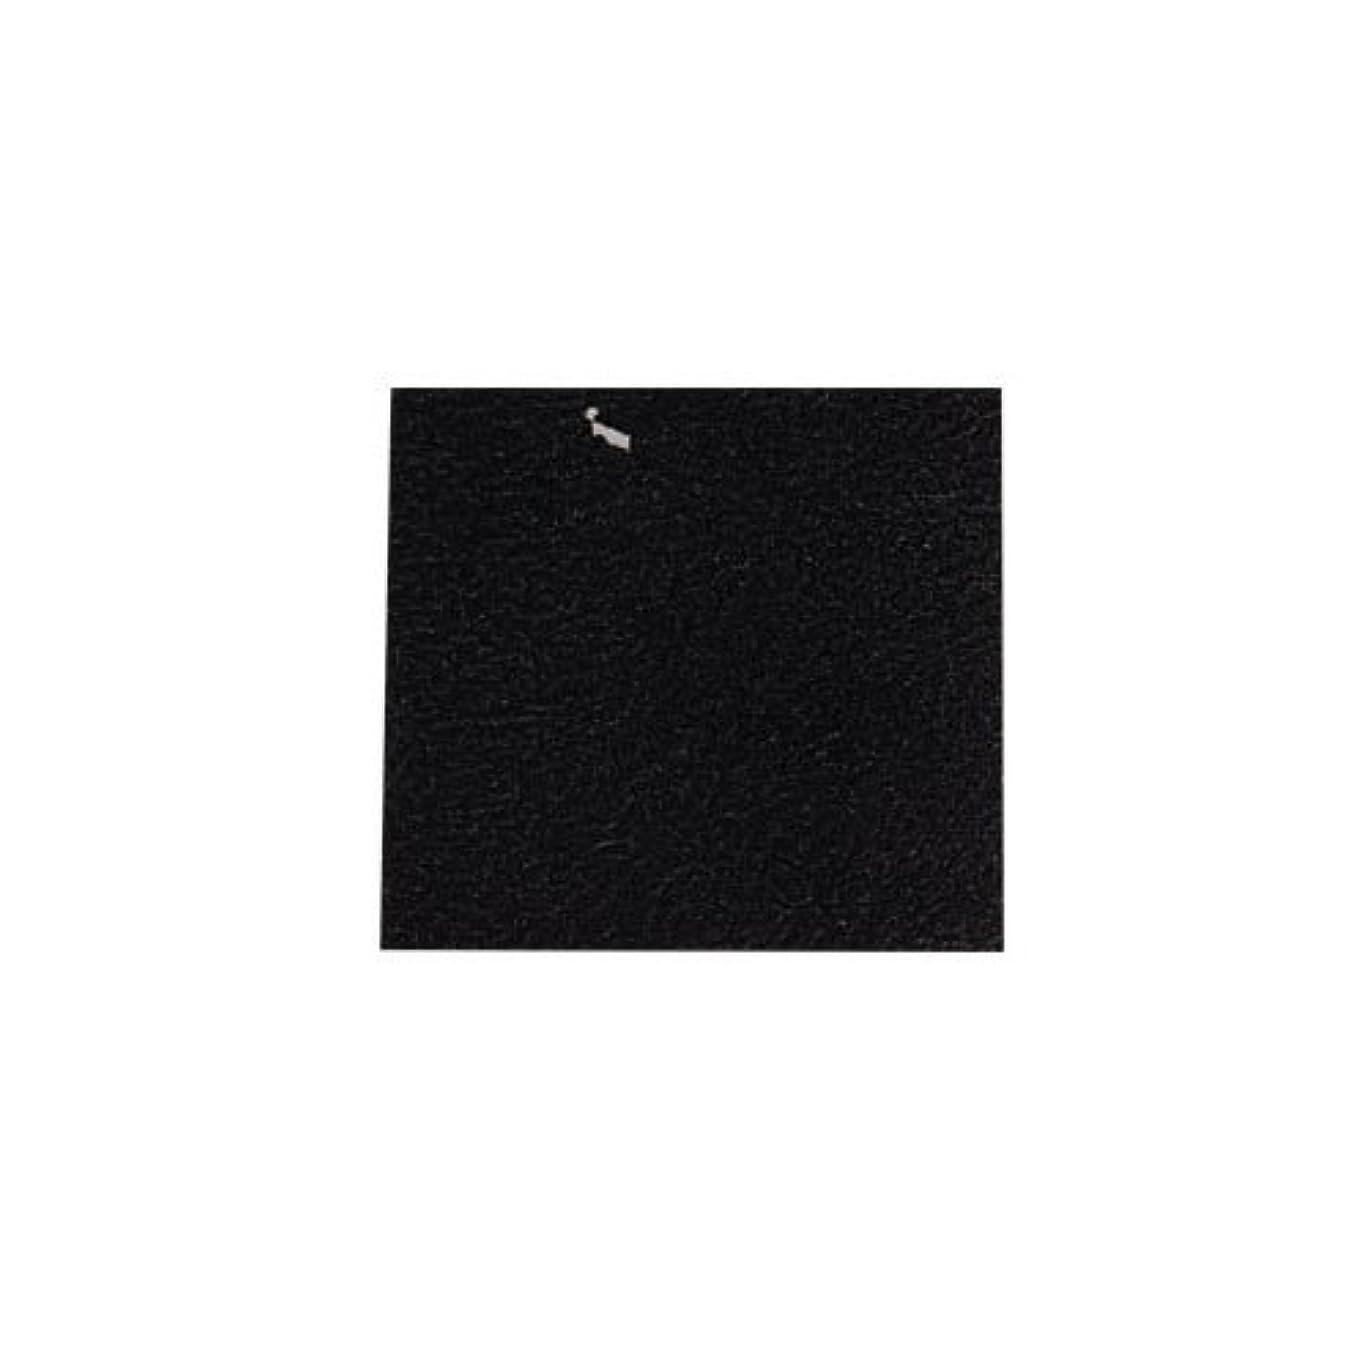 陪審一回生き返らせるピカエース ネイル用パウダー カラー純銀箔 #620 黒色 3.5㎜角×5枚